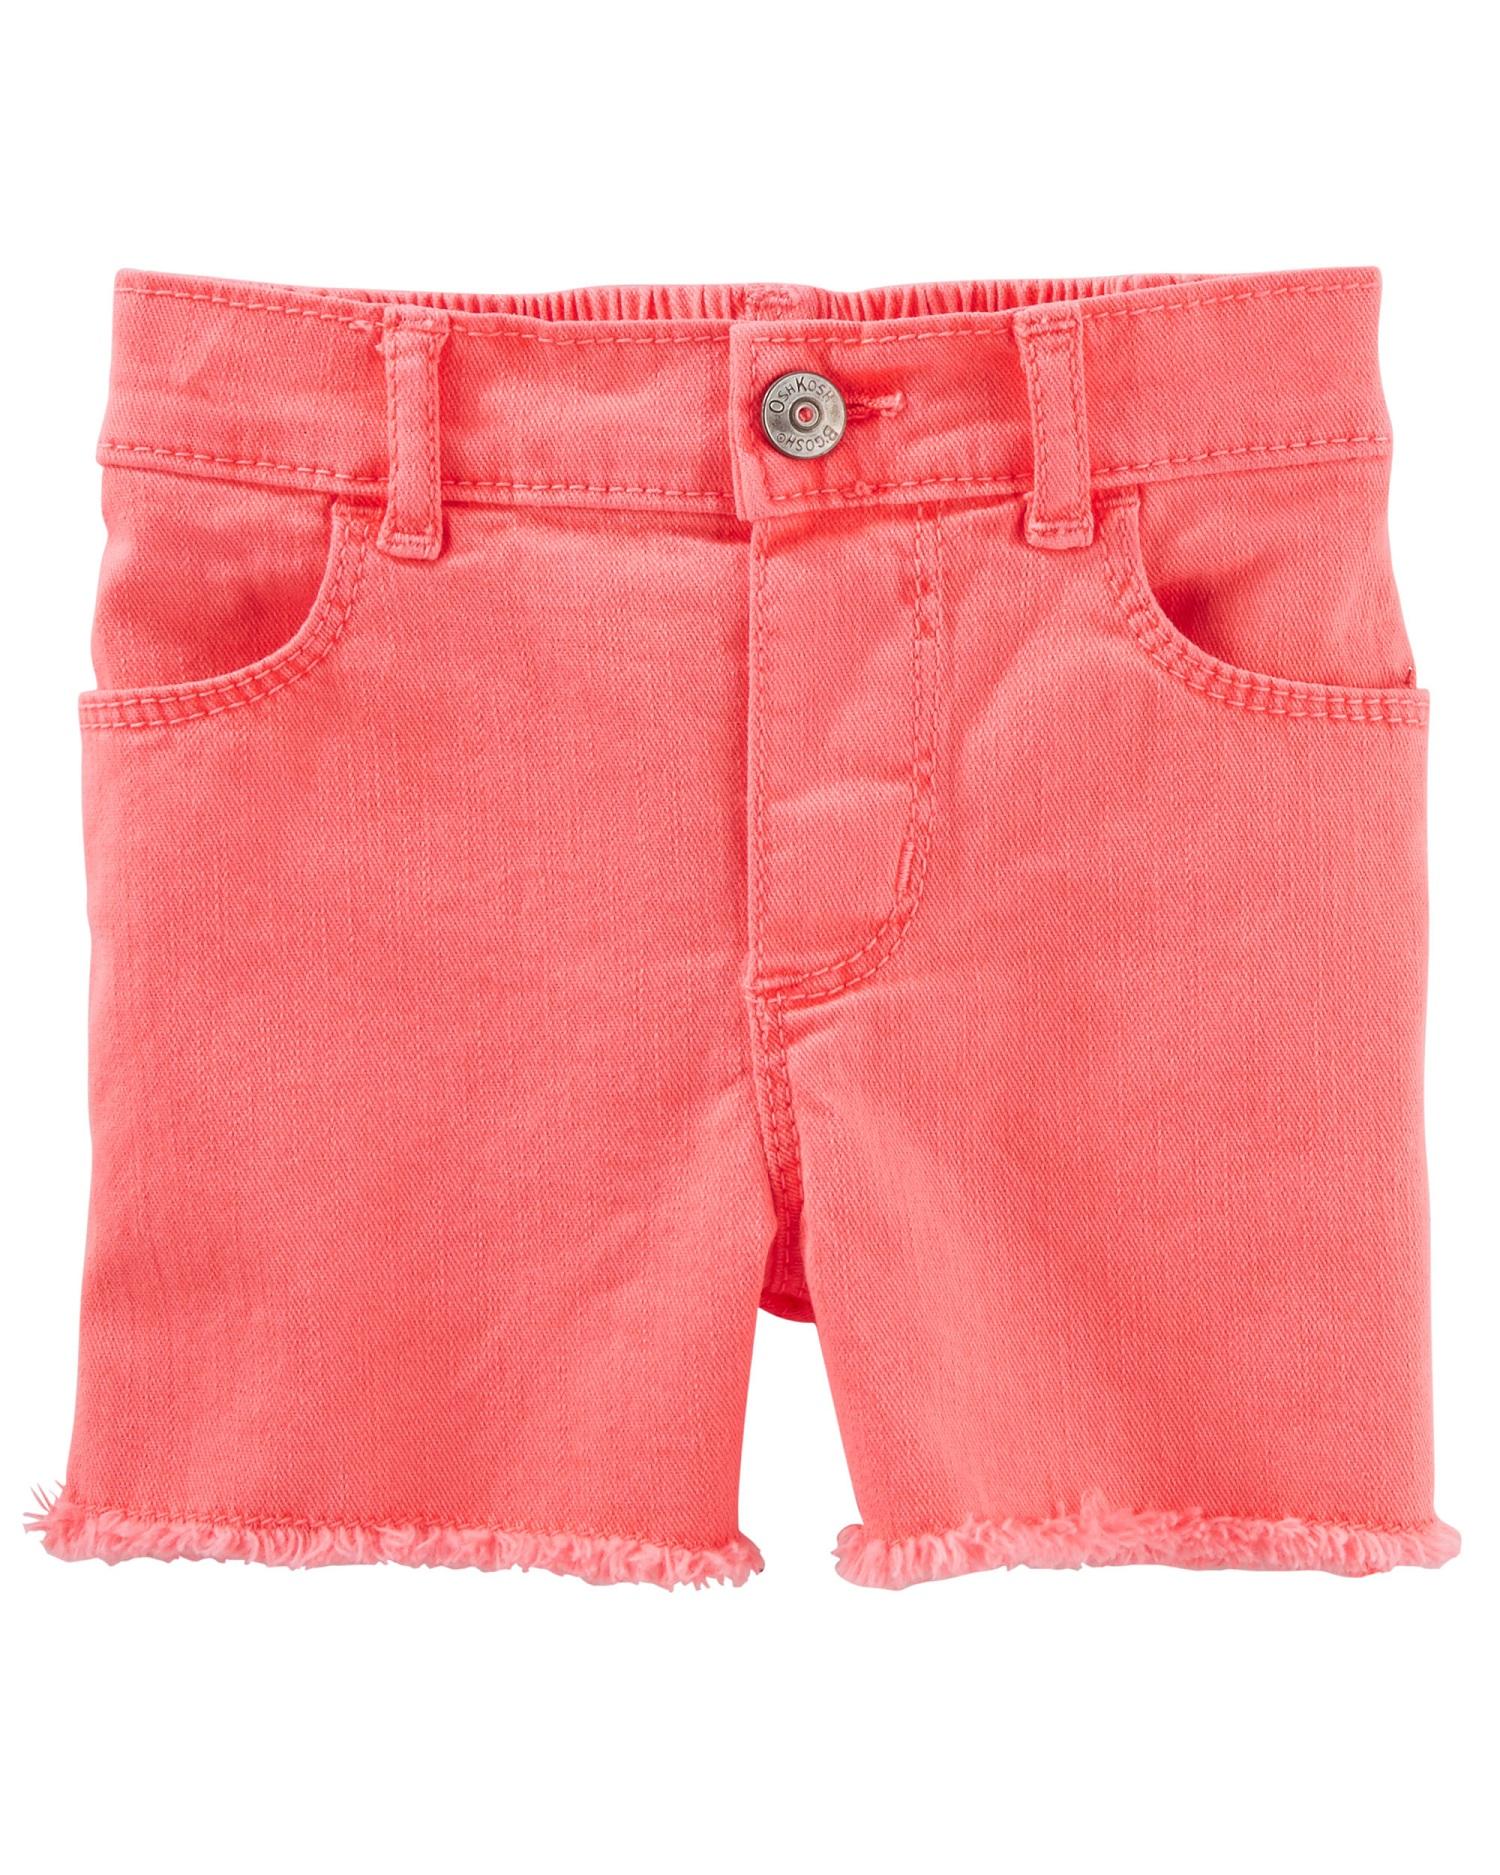 OshKosh B'gosh Baby Girls' Twill Shorts, 18 Months